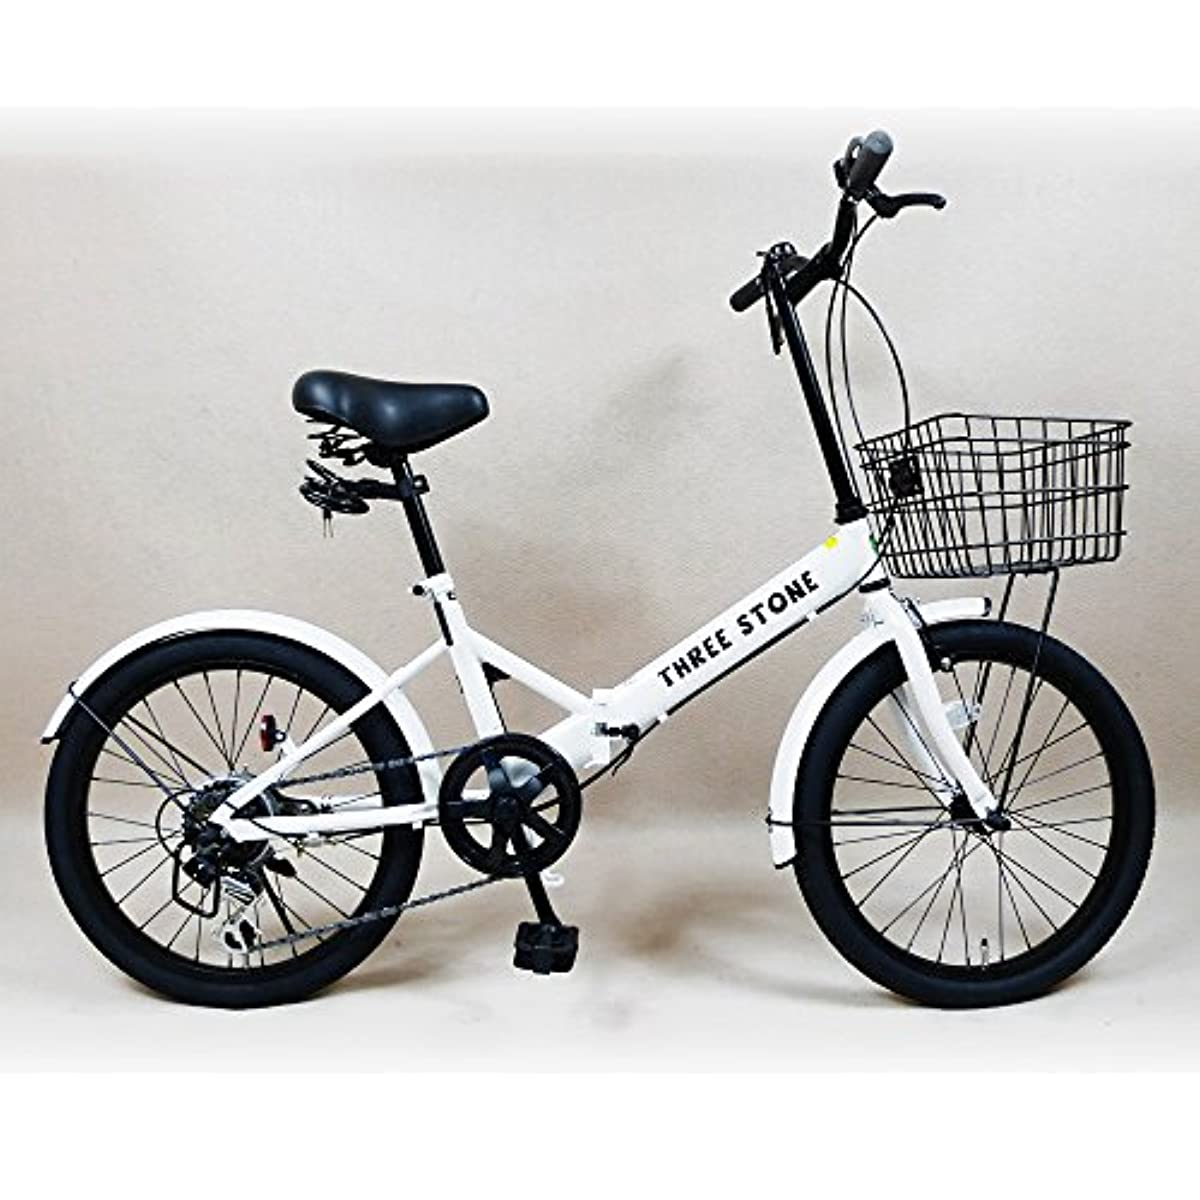 [해외] 접이식 자전거 20인치 시마노사제6 단변속 기어 (AJ-08) 프론트 농구 전후 (자동차 등의) 흙받이/와이어 록정/접는 자전거/MTB/소지름차/PL보험